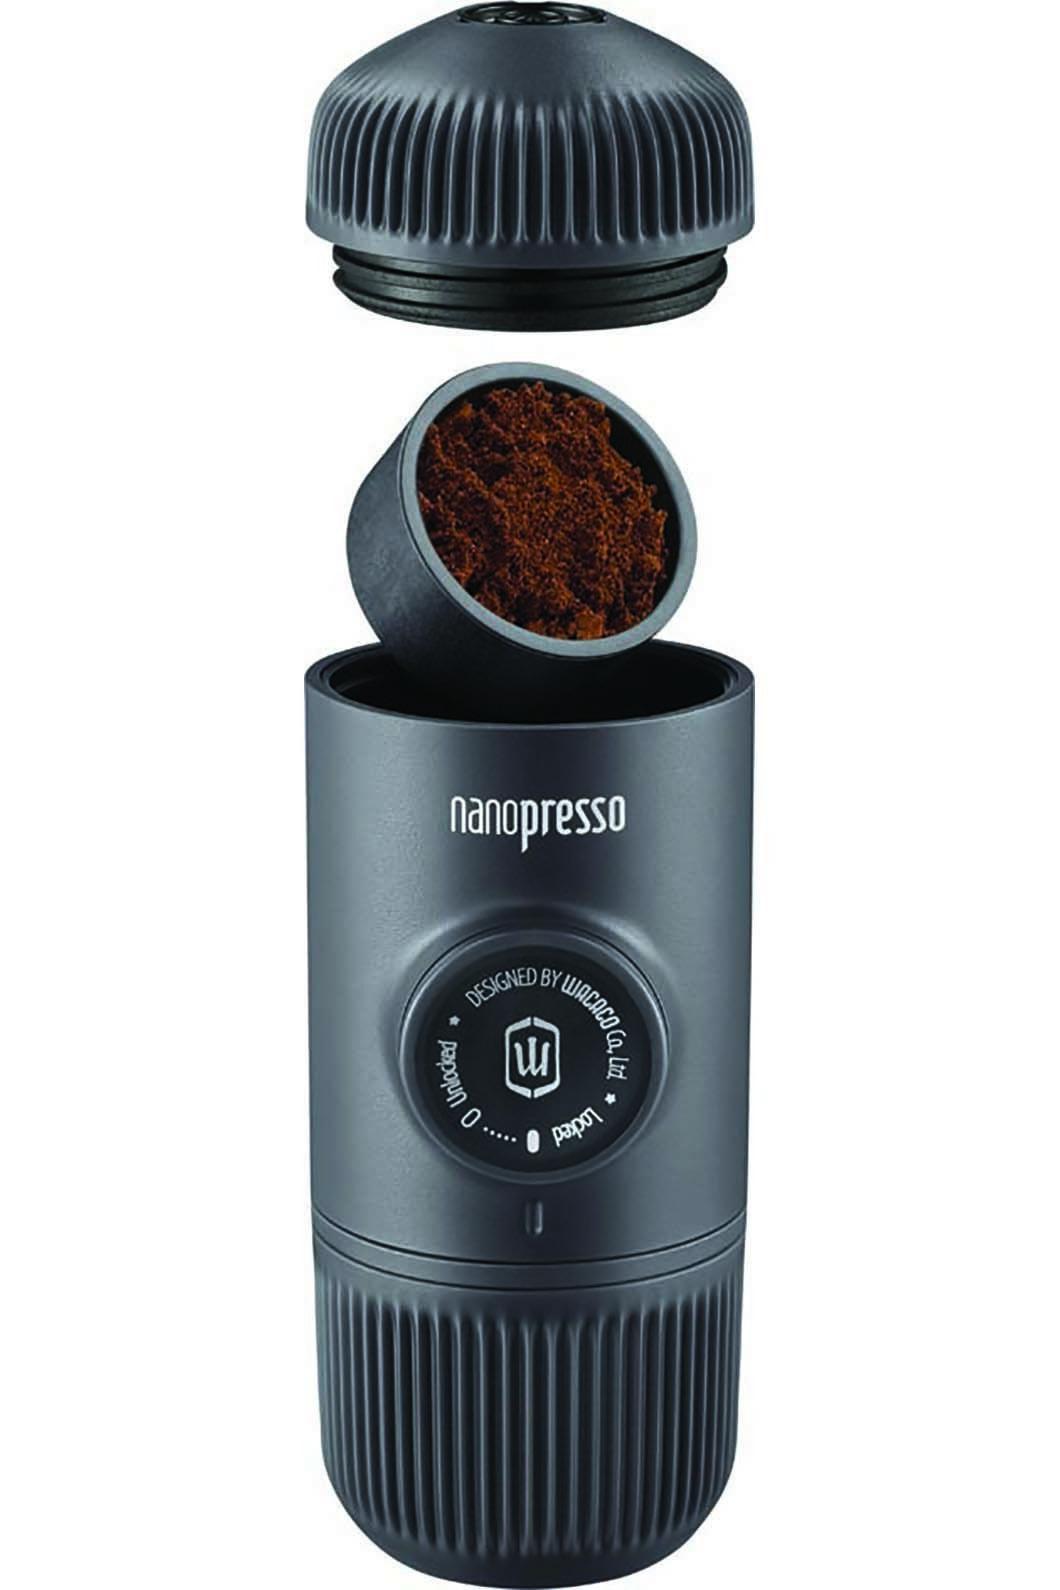 Wacaco Nanopresso Portable Espresso Machine, None, hi-res